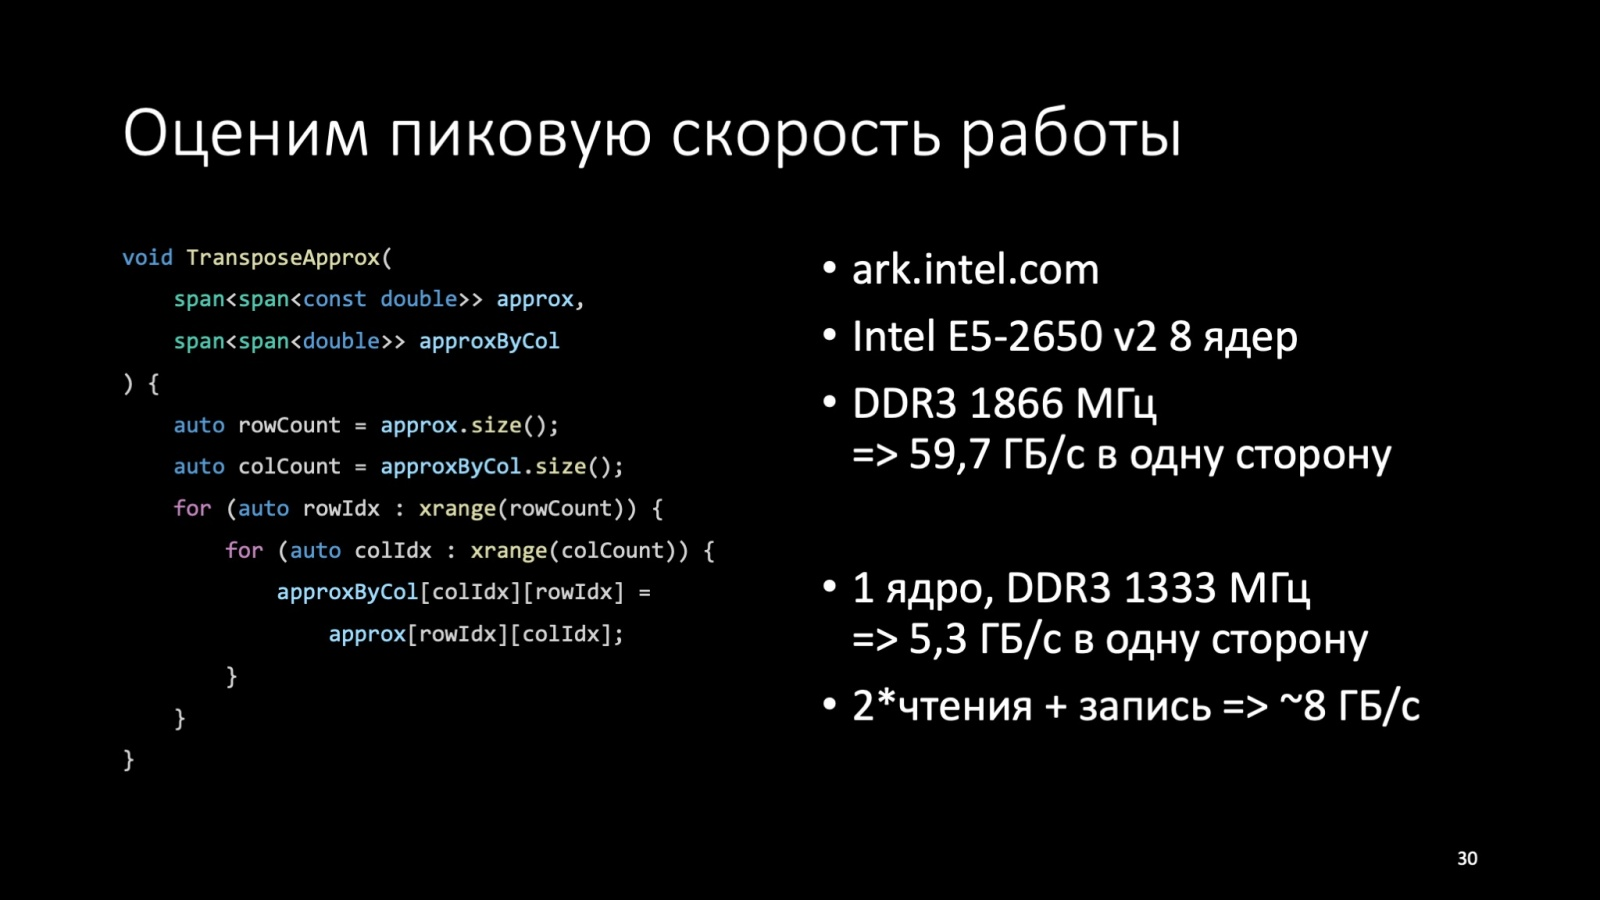 Оптимизация C++: совмещаем скорость и высокий уровень. Доклад Яндекса - 31